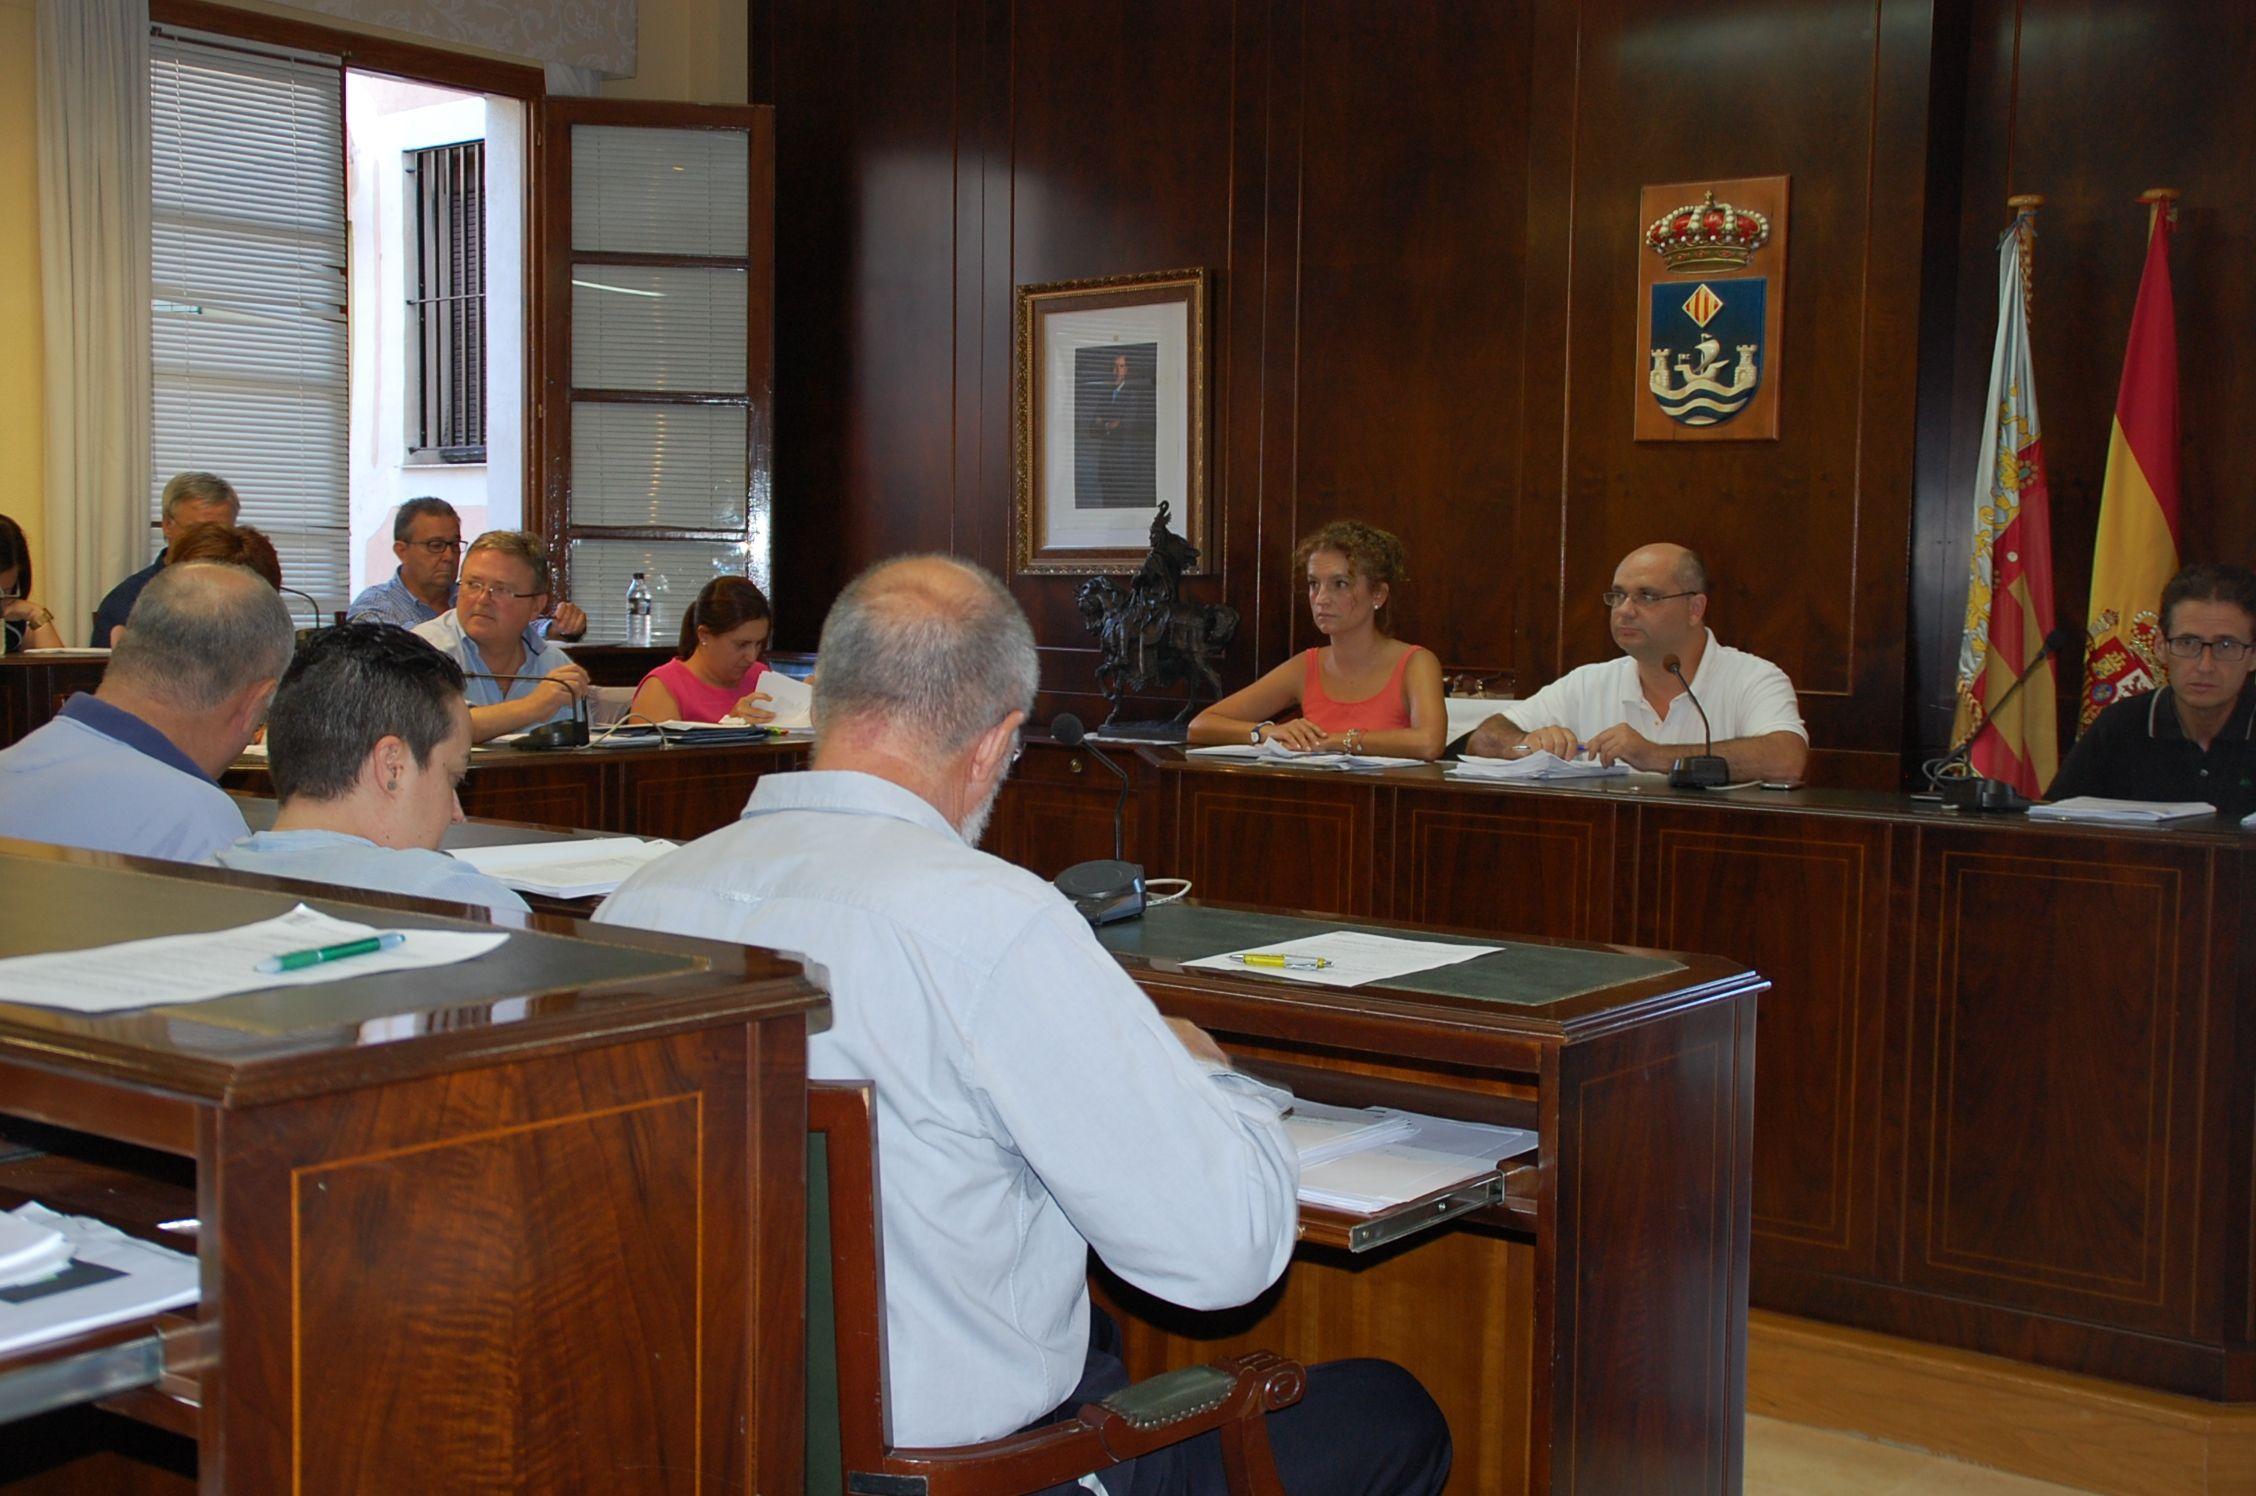 La Vila pedirá una nueva revisión catastral después de que le fuera denegada en 2014